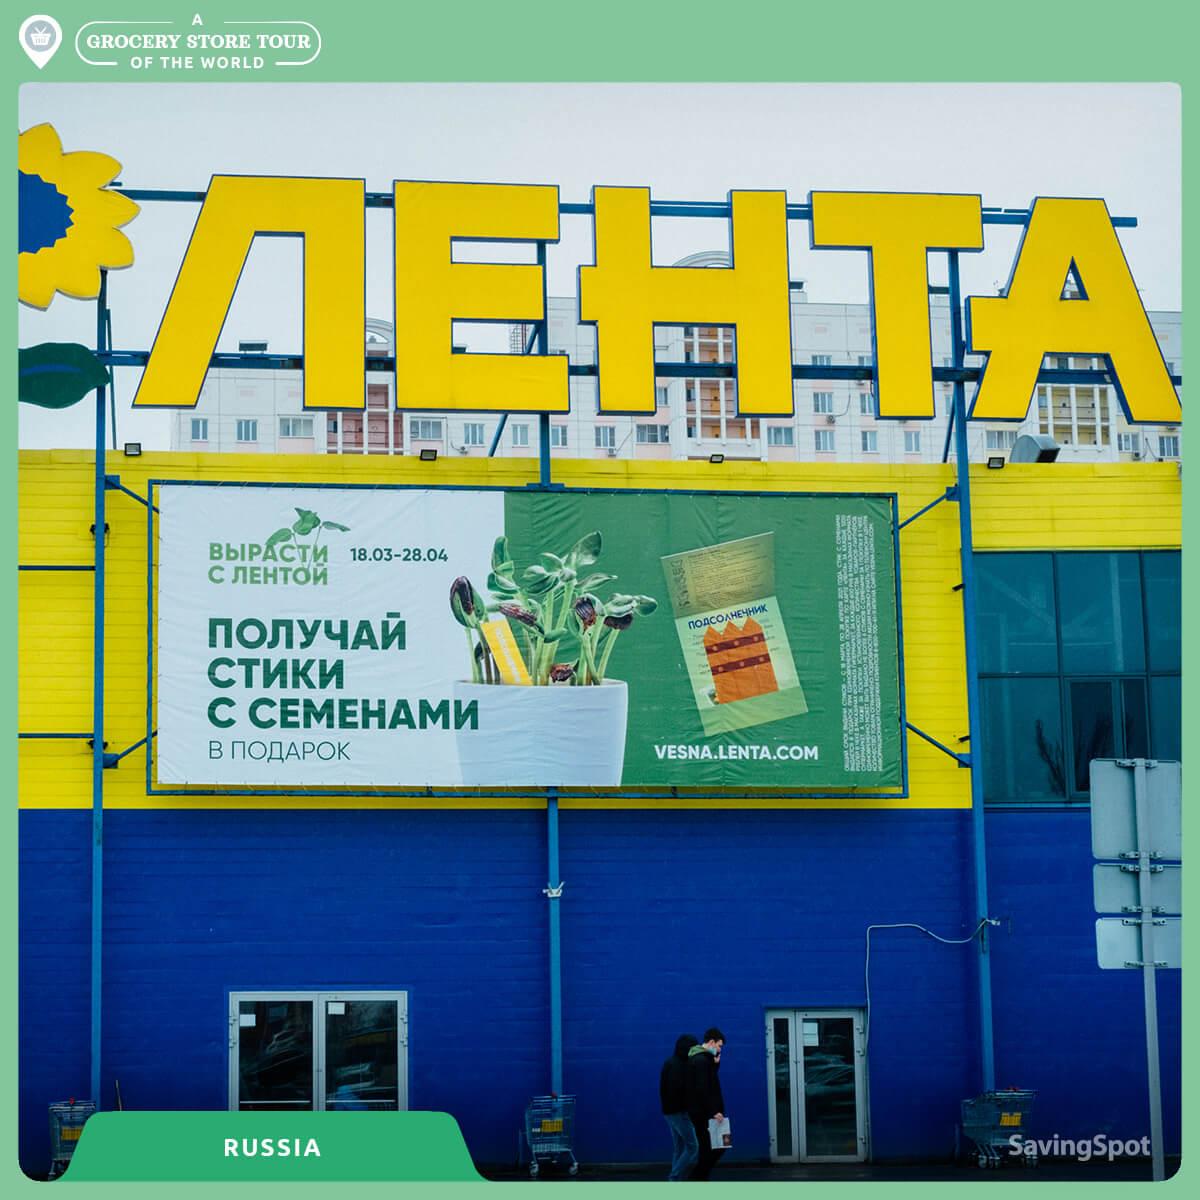 Η είσοδος του ρωσικού παντοπωλείου. Φωτογραφία: SavingSpot